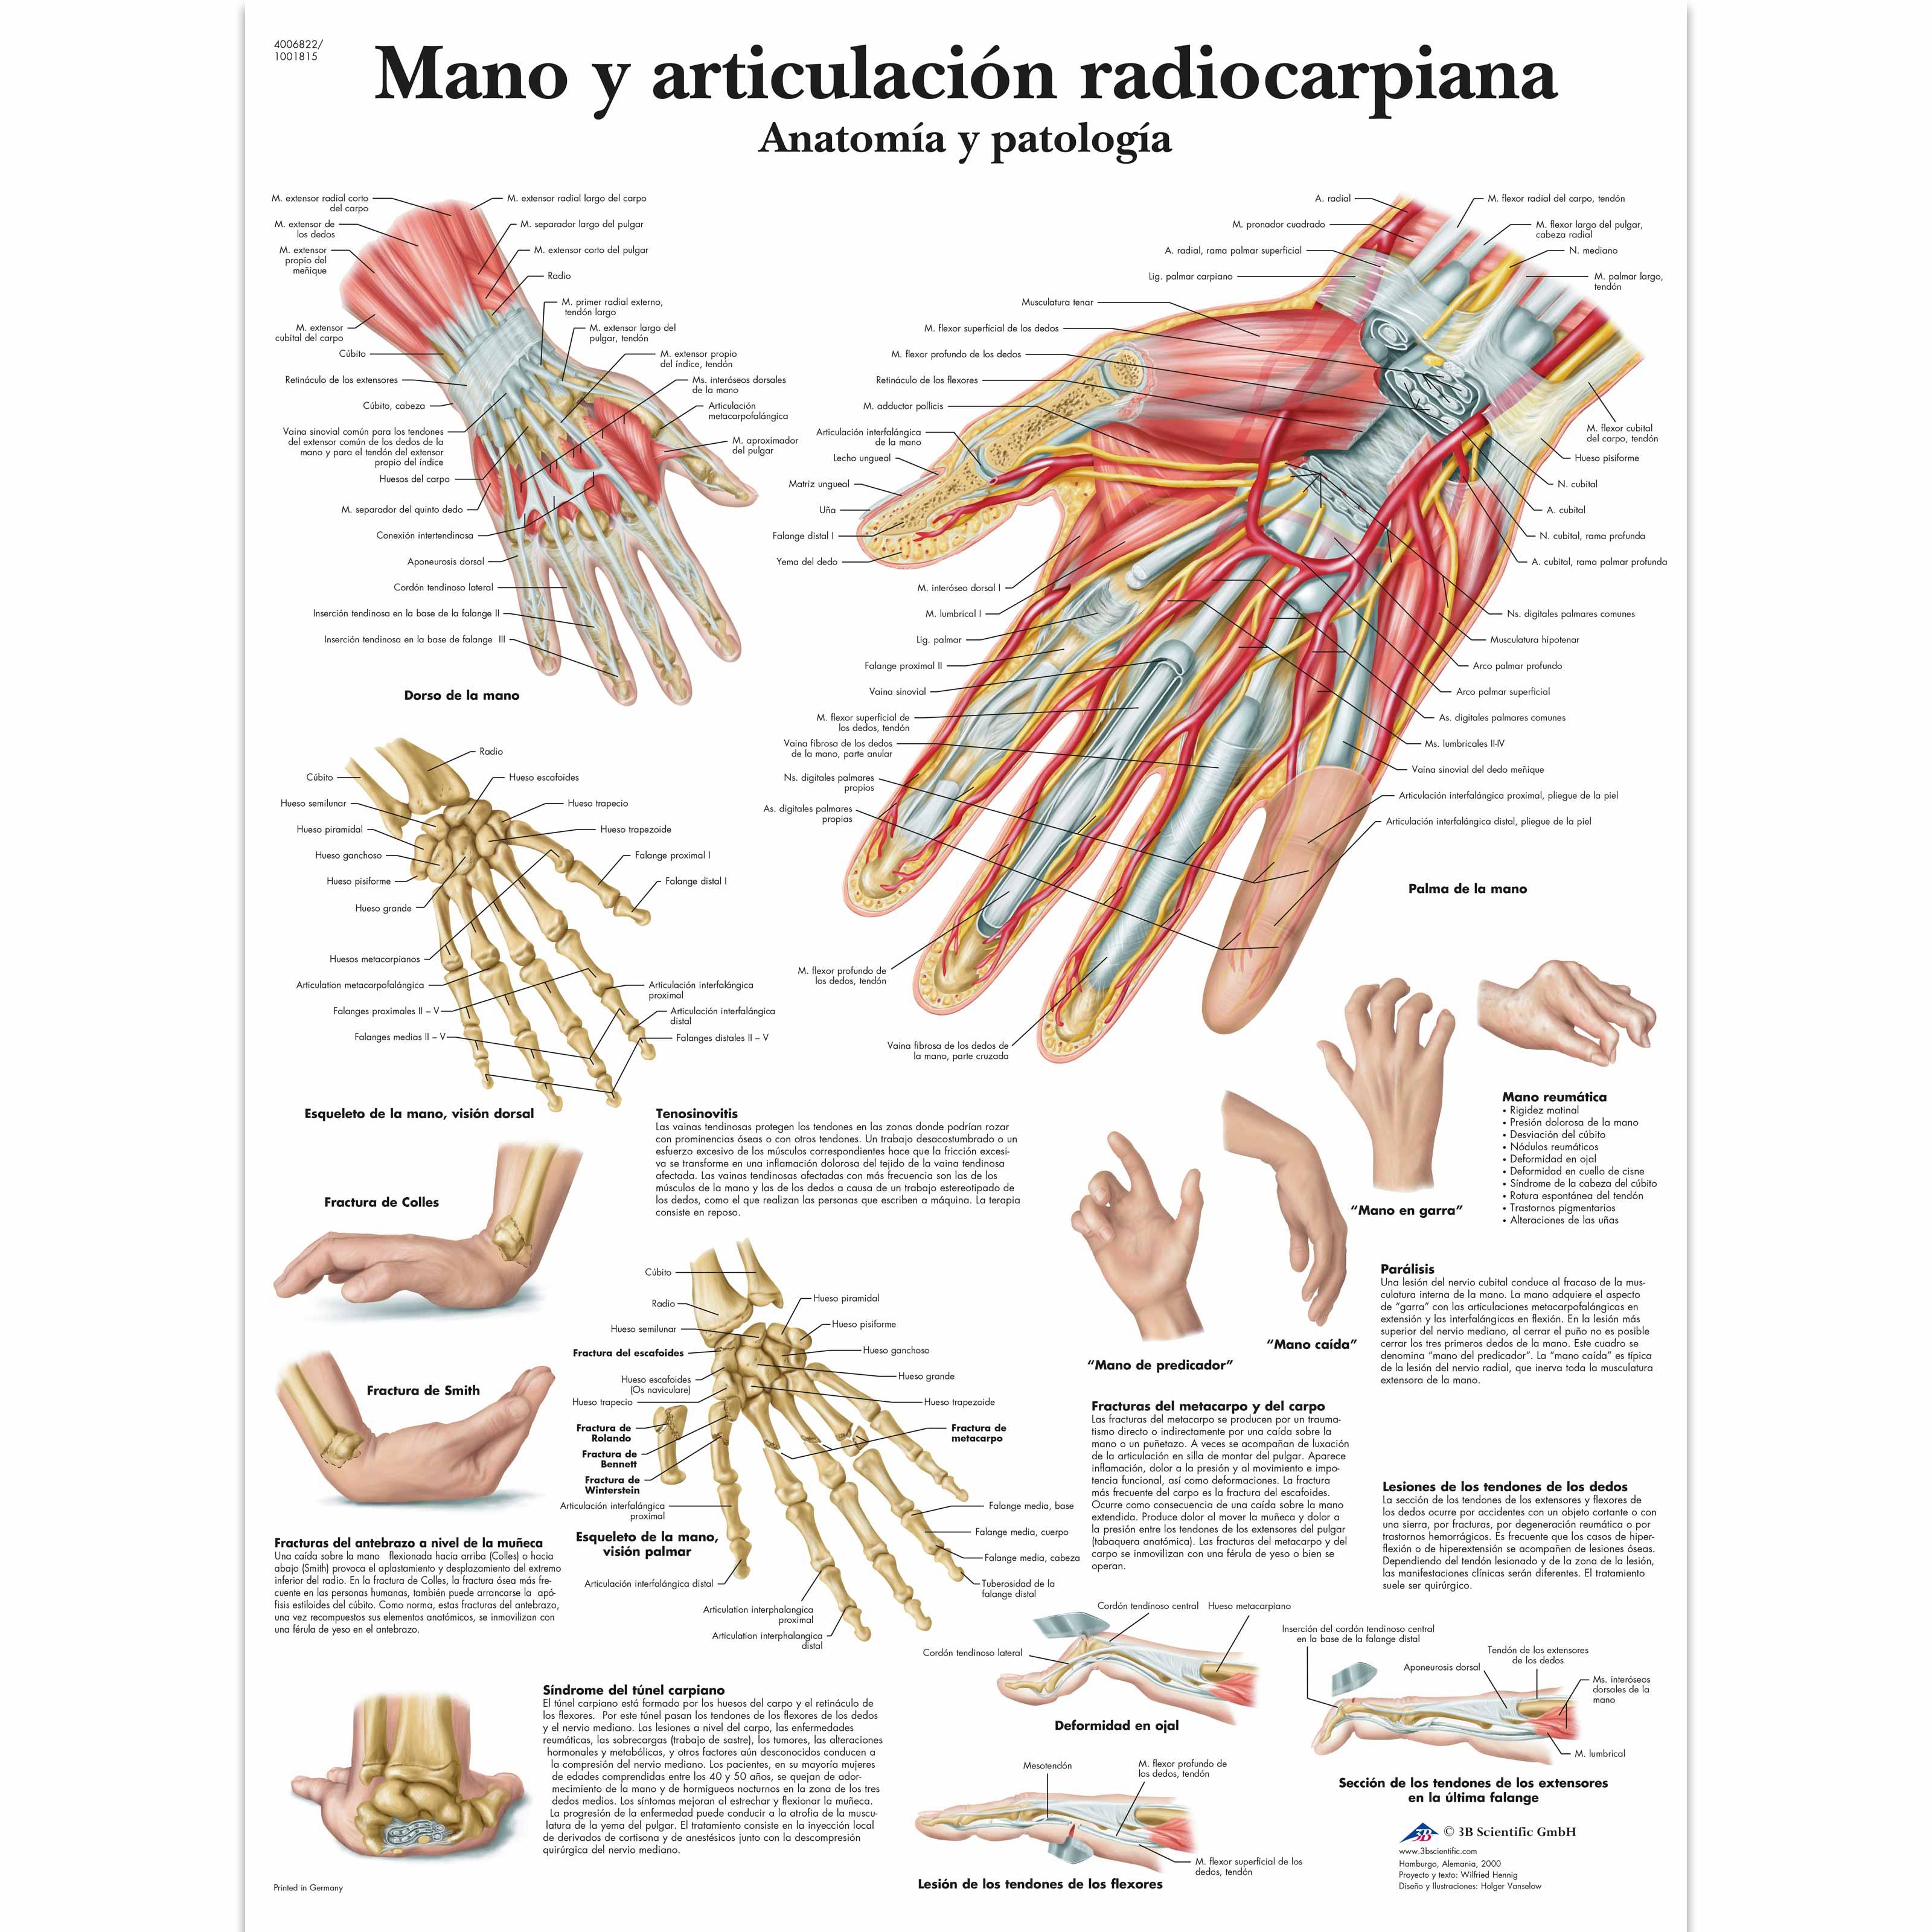 Mano y articulación radiocarpiana - Anatomía y patología - 4006822 ...